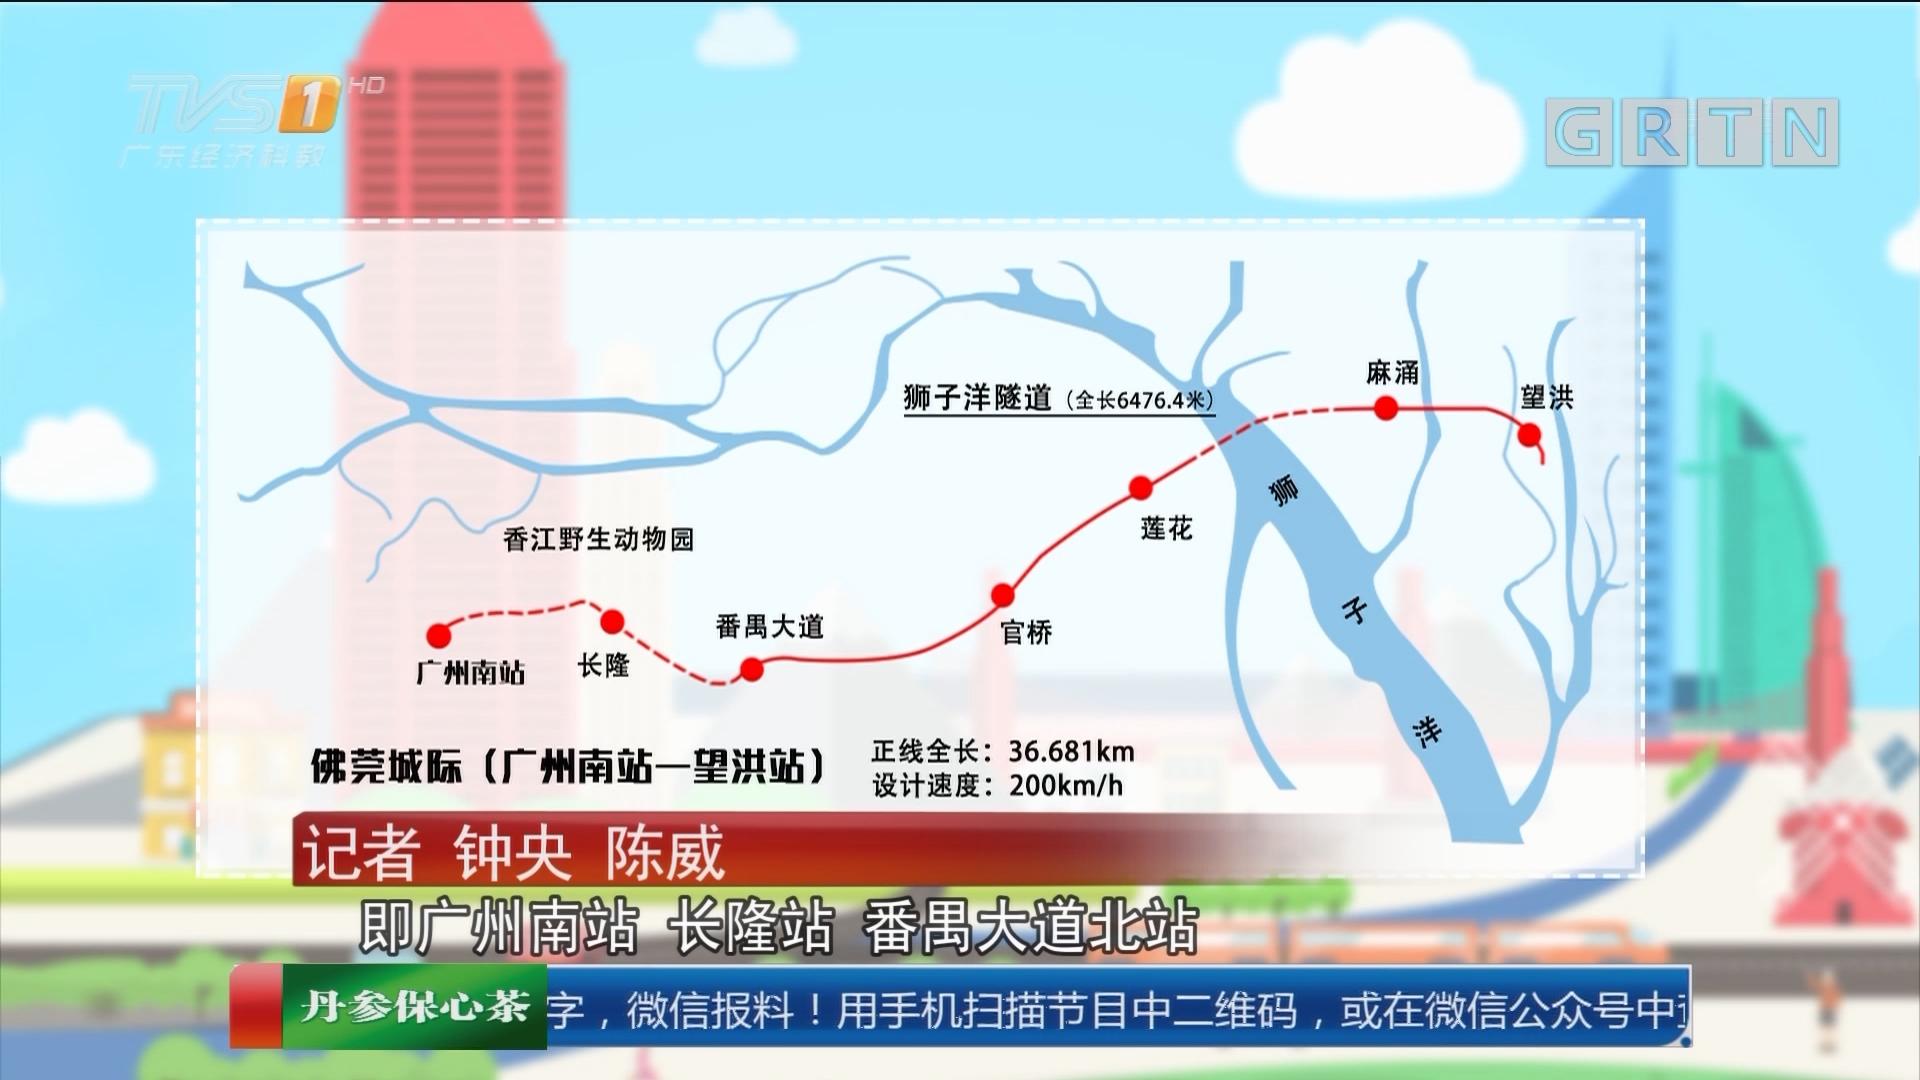 """珠三角""""1小时""""城市圈建设:广州地铁五号线将接通东莞地铁"""